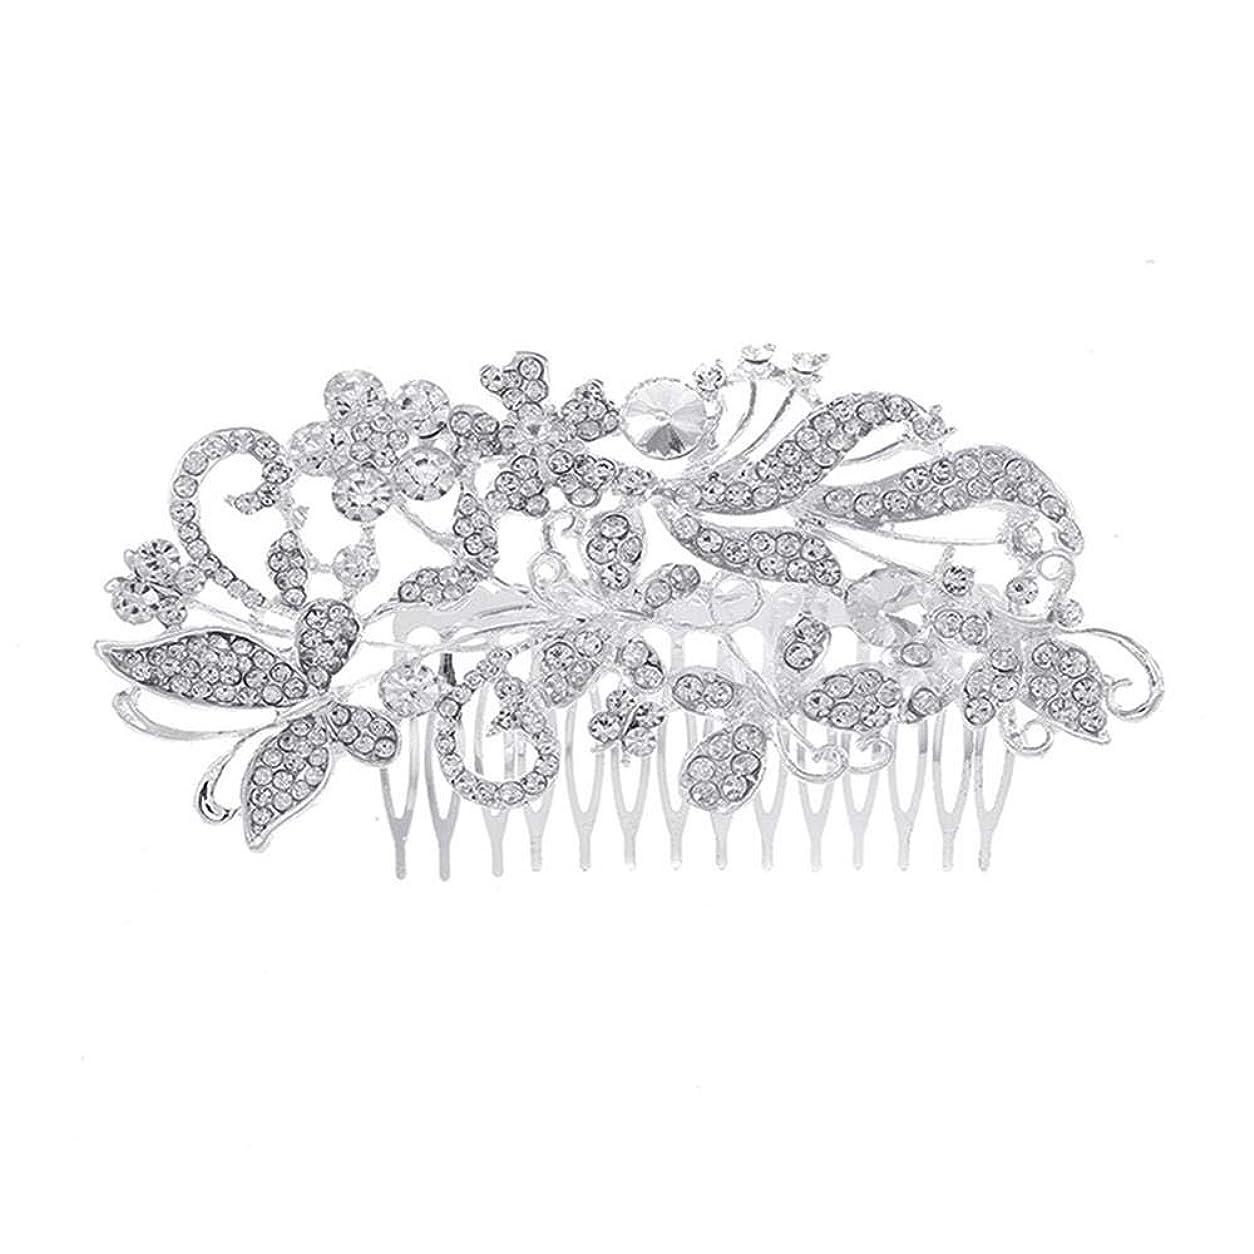 遺伝的列挙するピルファー髪の櫛、櫛、花嫁の髪の櫛、亜鉛合金、結婚式のアクセサリー、櫛